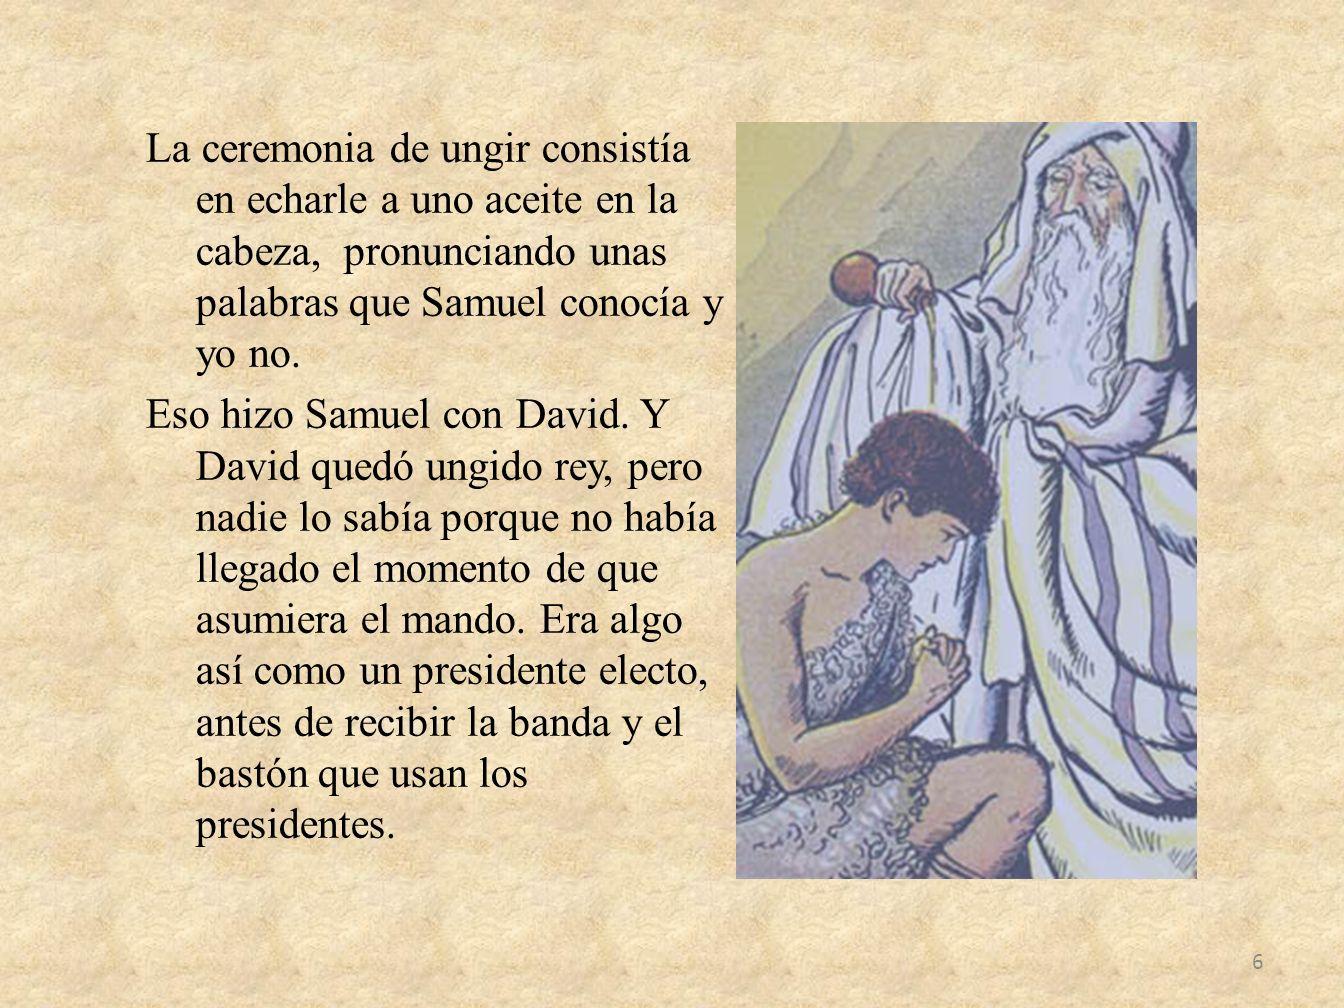 La ceremonia de ungir consistía en echarle a uno aceite en la cabeza, pronunciando unas palabras que Samuel conocía y yo no.